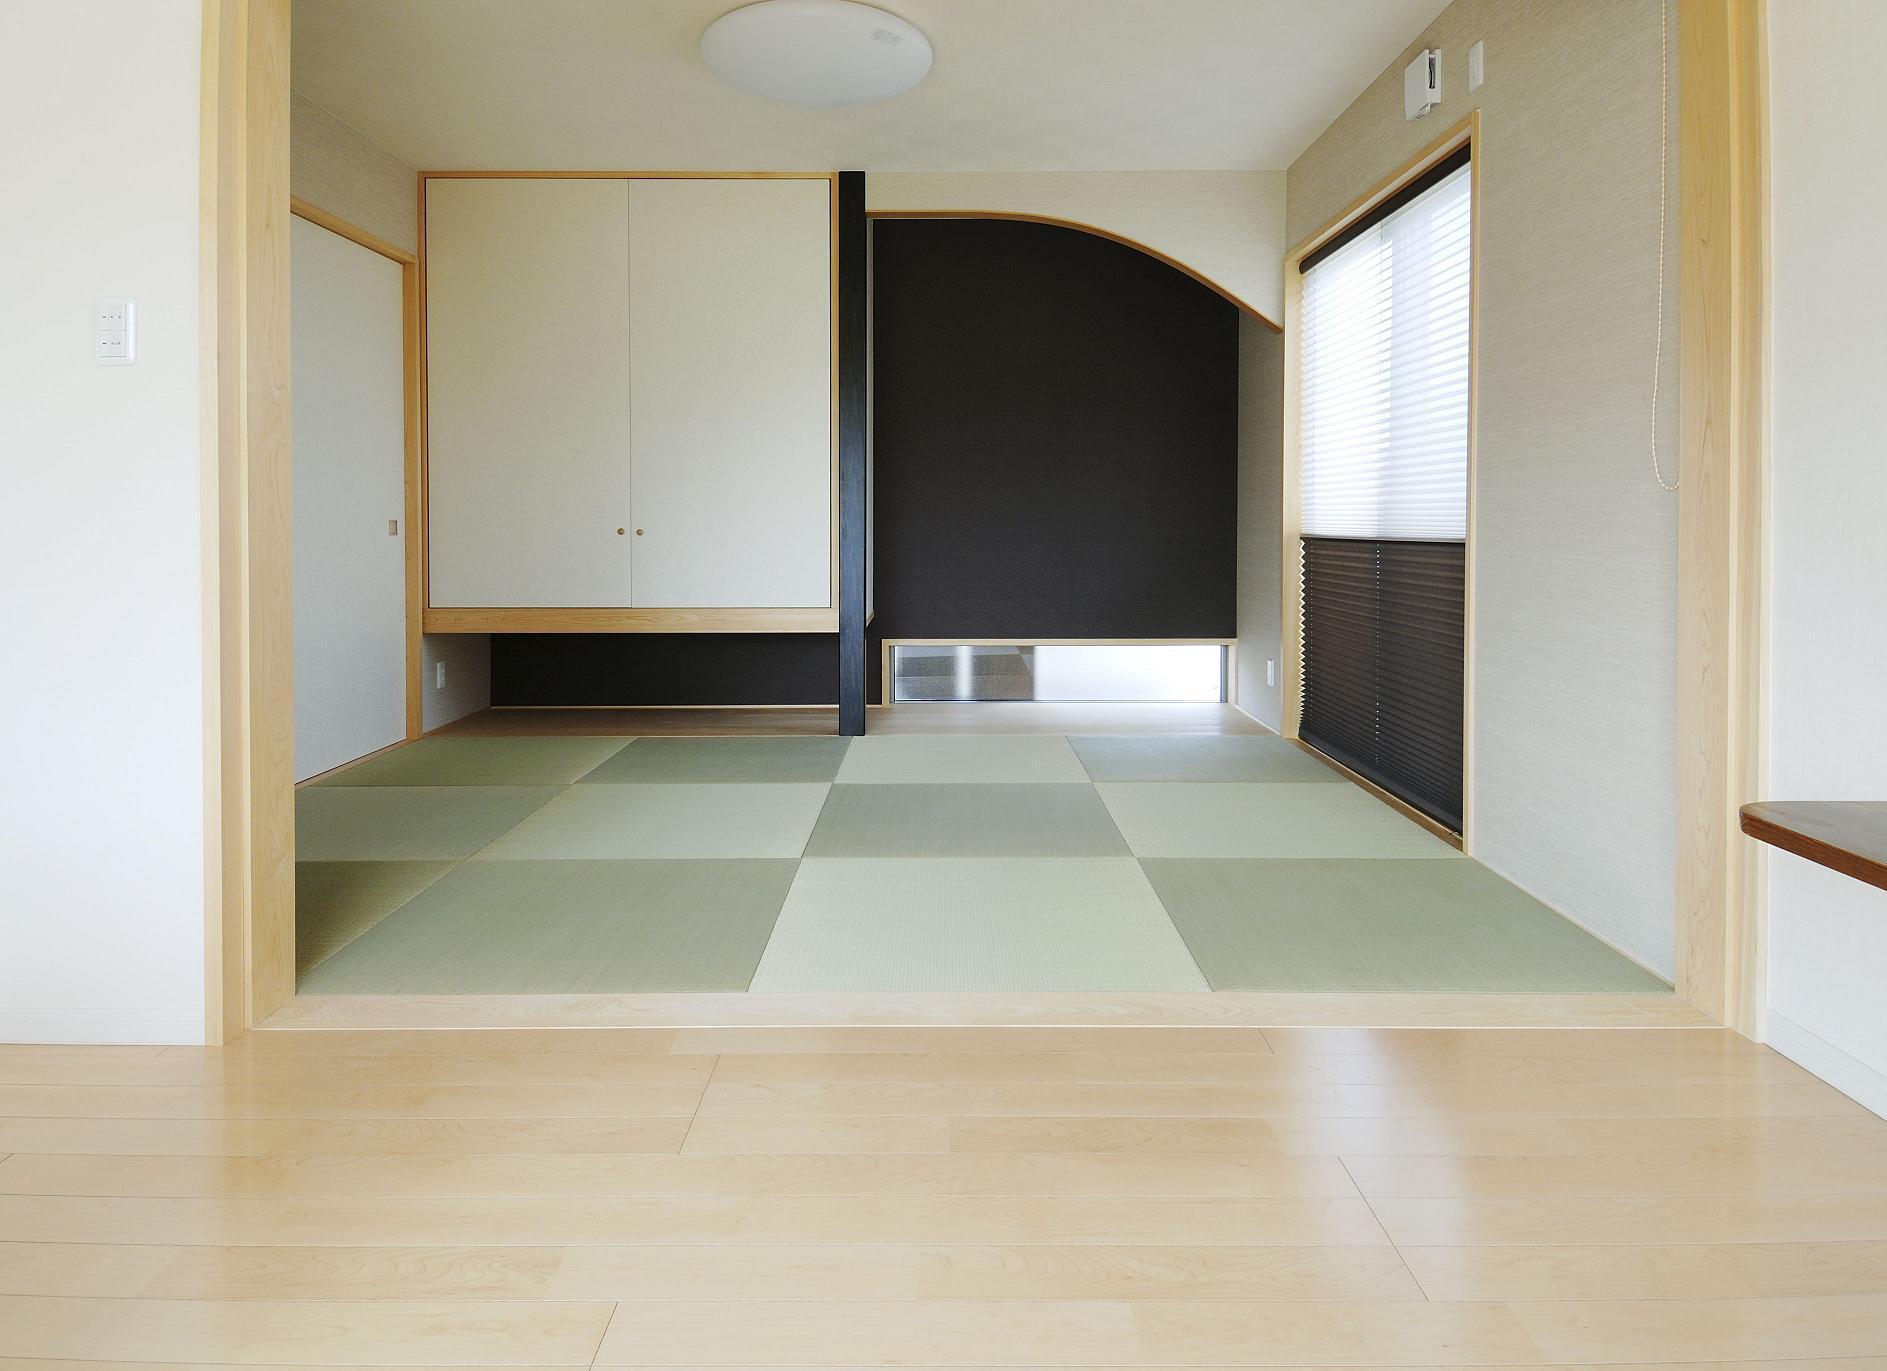 床の間R部分の草槇、吊押入、地窓、太鼓貼りの襖...